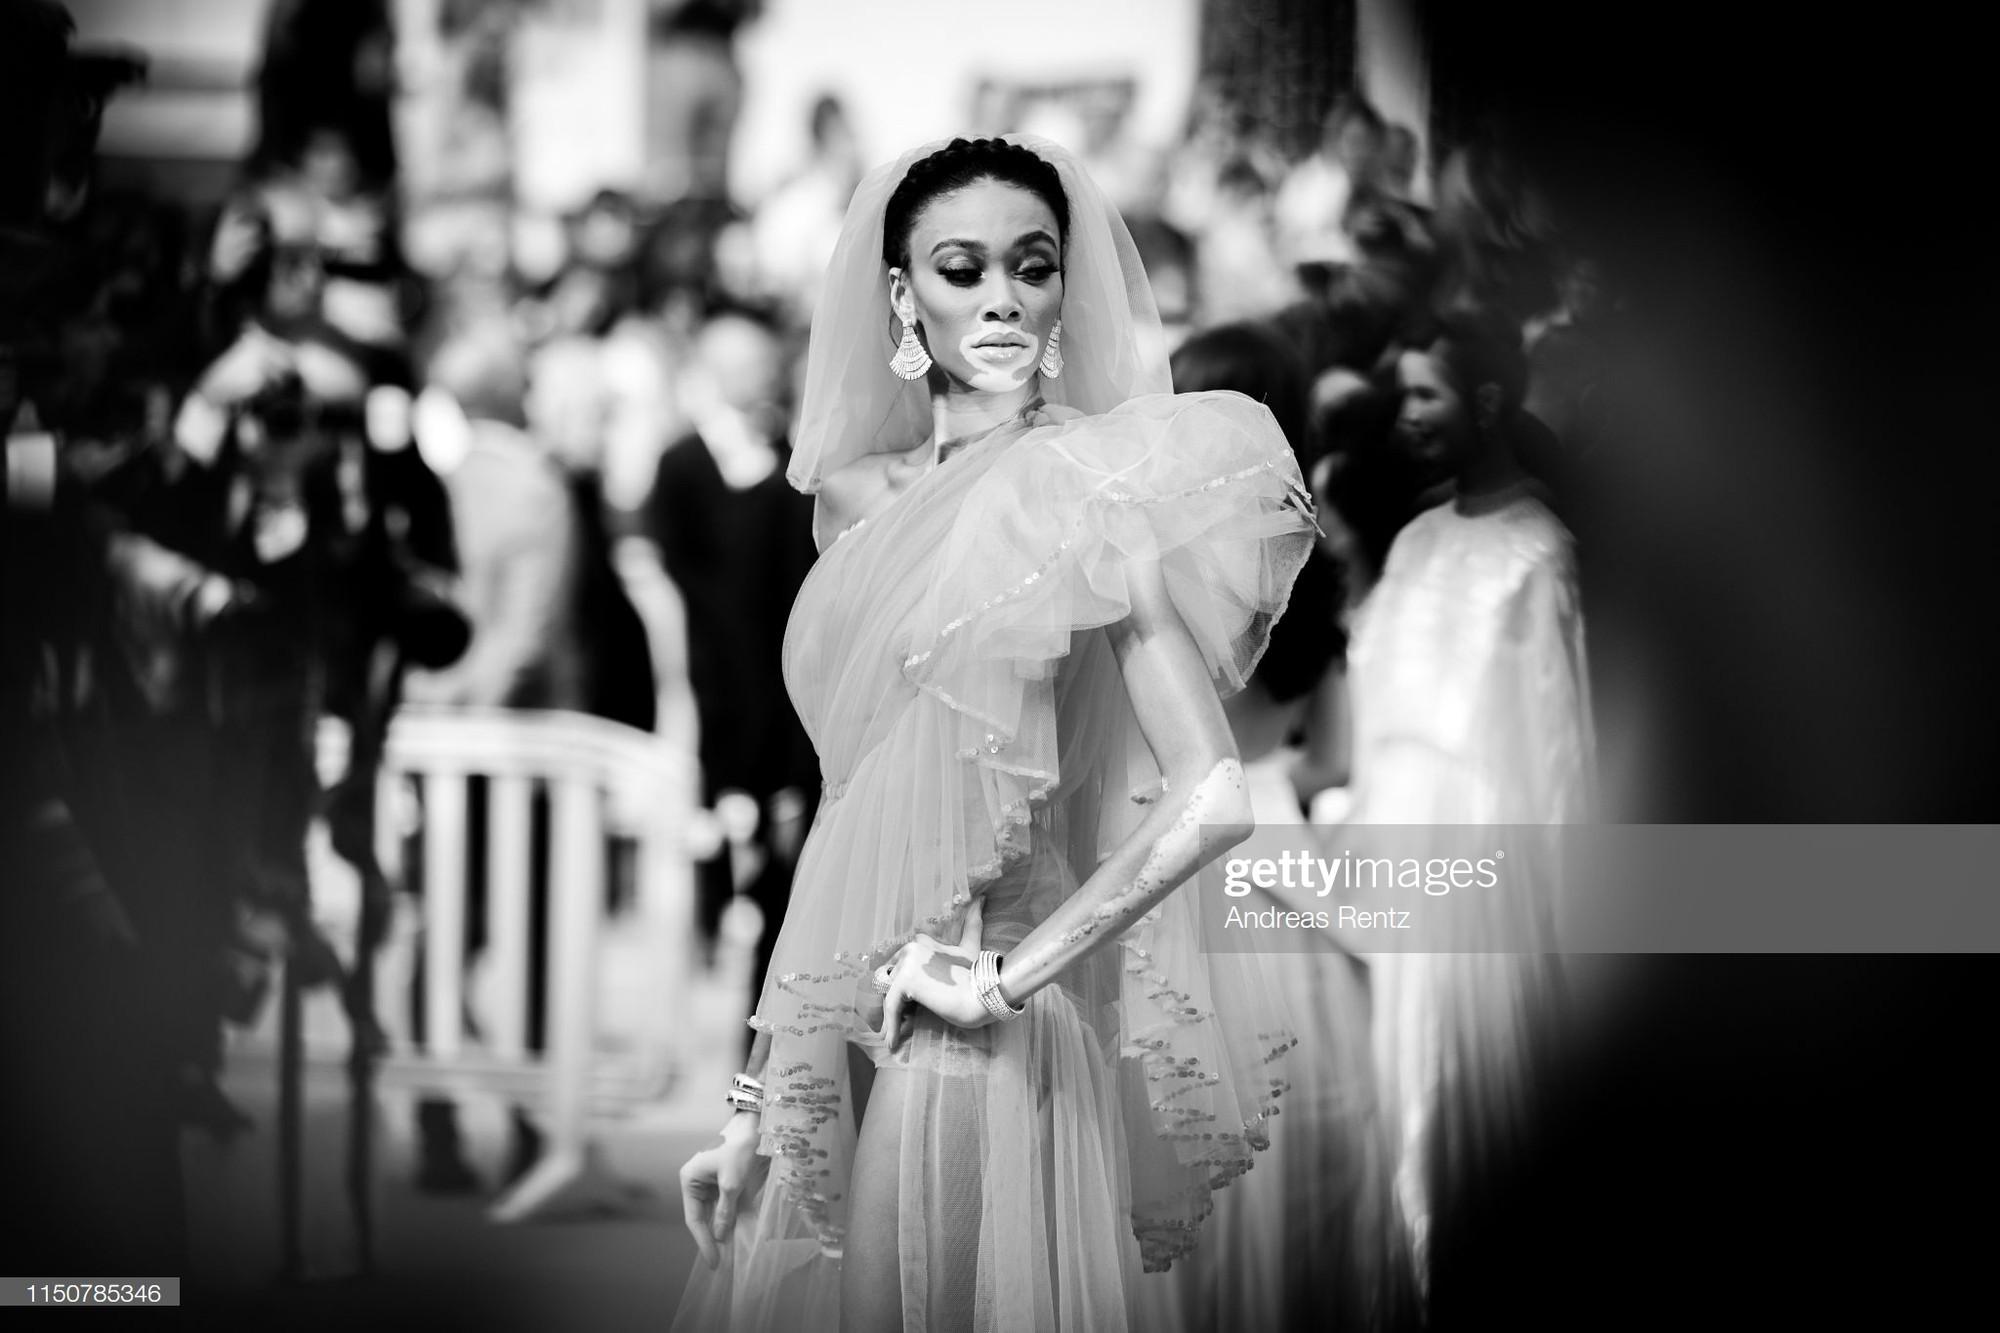 Top khoảnh khắc đắt giá nhất Cannes 2019: Dàn mỹ nhân 9X bất ngờ chiếm đa số, Selena và cặp đôi Brooklyn ấn tượng mạnh - Ảnh 20.